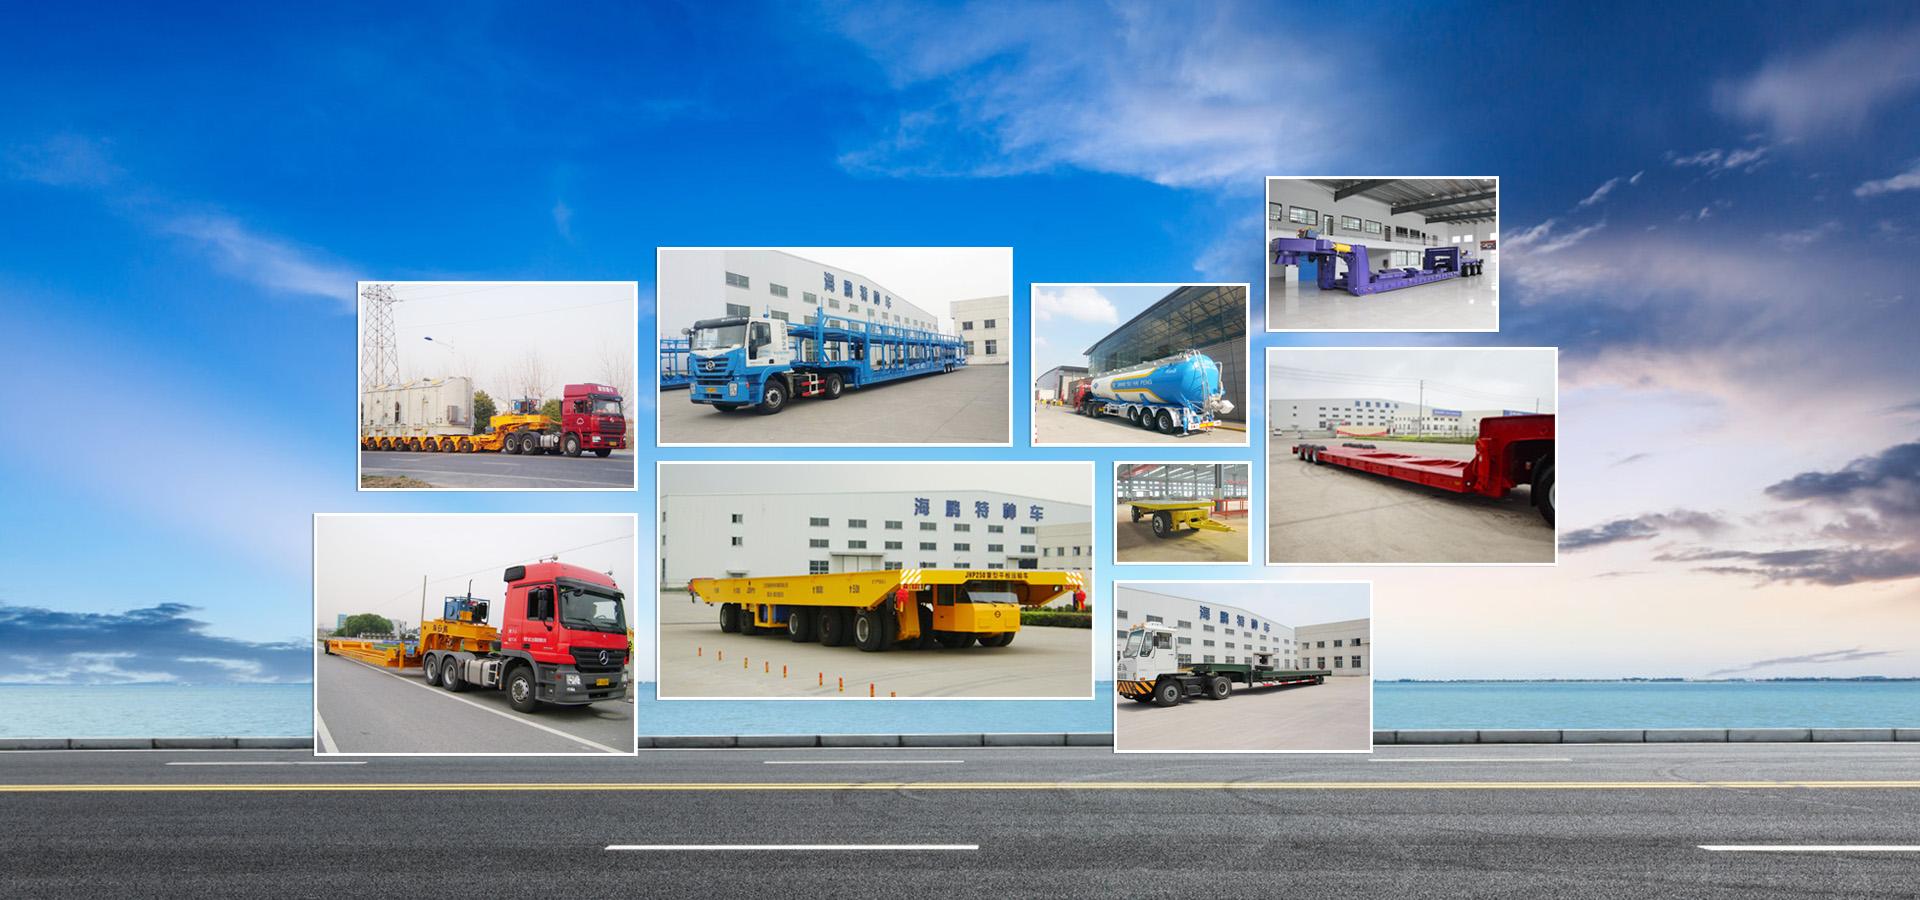 竞博体育JBO竞博jbo亚洲第一电竞平台广泛应用于海工、军工、石油、船舶、航空等领域。